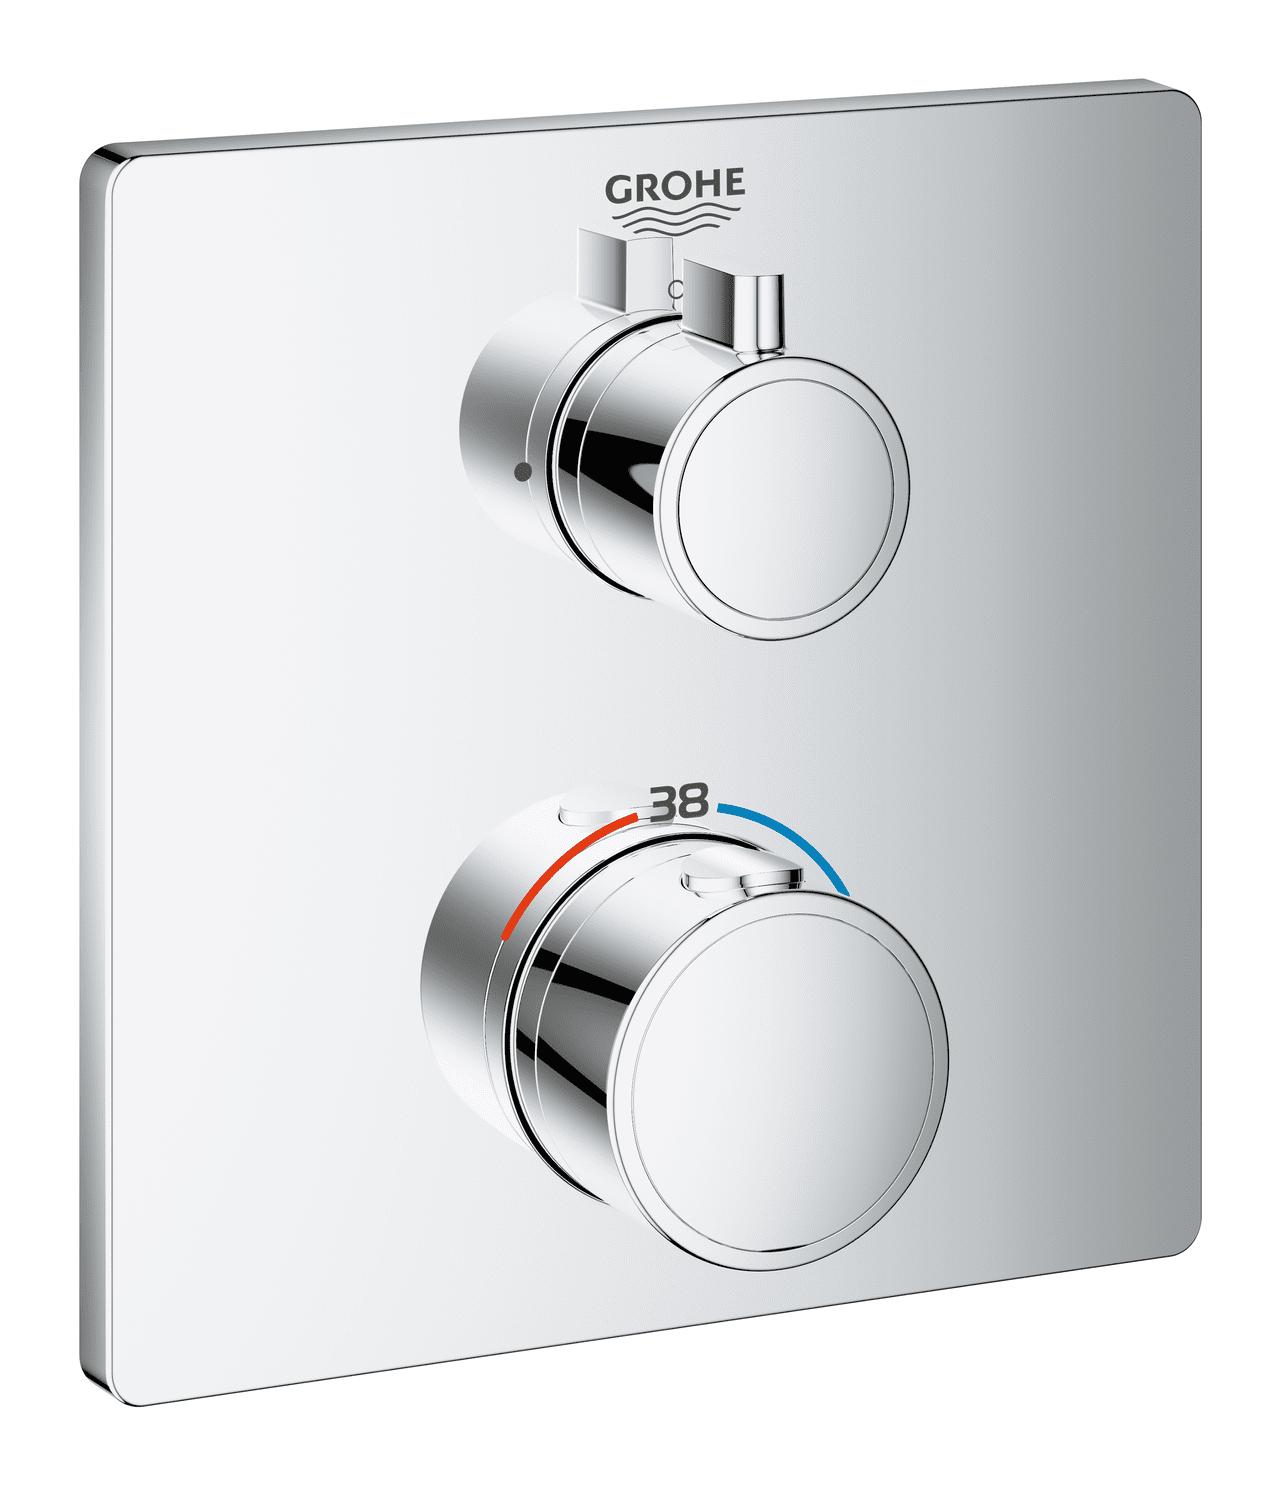 GROHE Grohtherm Unterputz-Duschthermostat für 1 Verbraucher ...